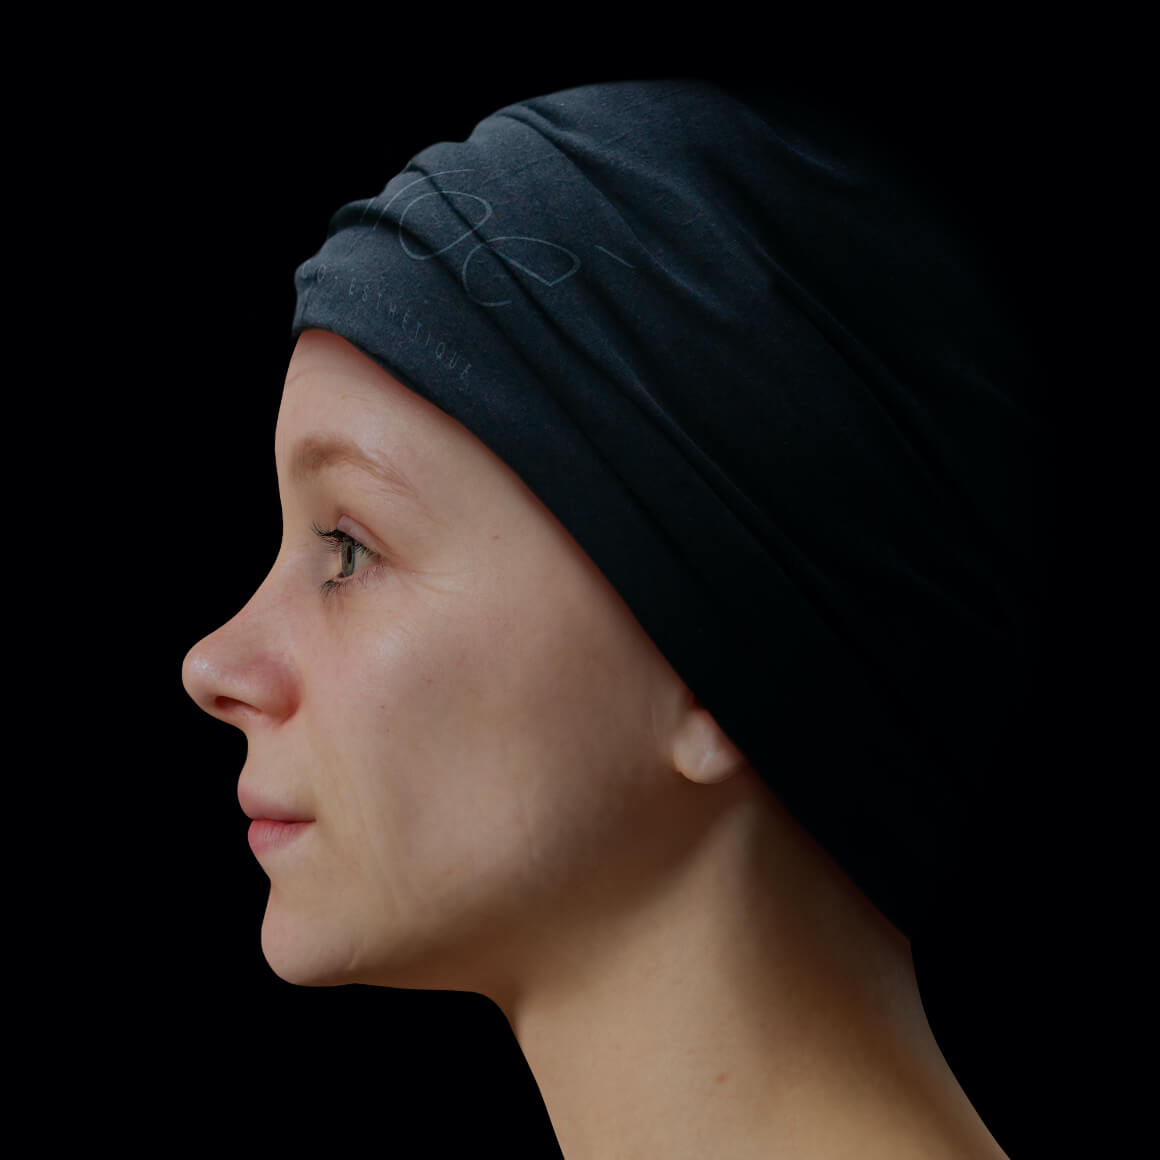 Une patiente de la Clinique Chloé positionné de côté démontrant rides et ridules au niveau du visage